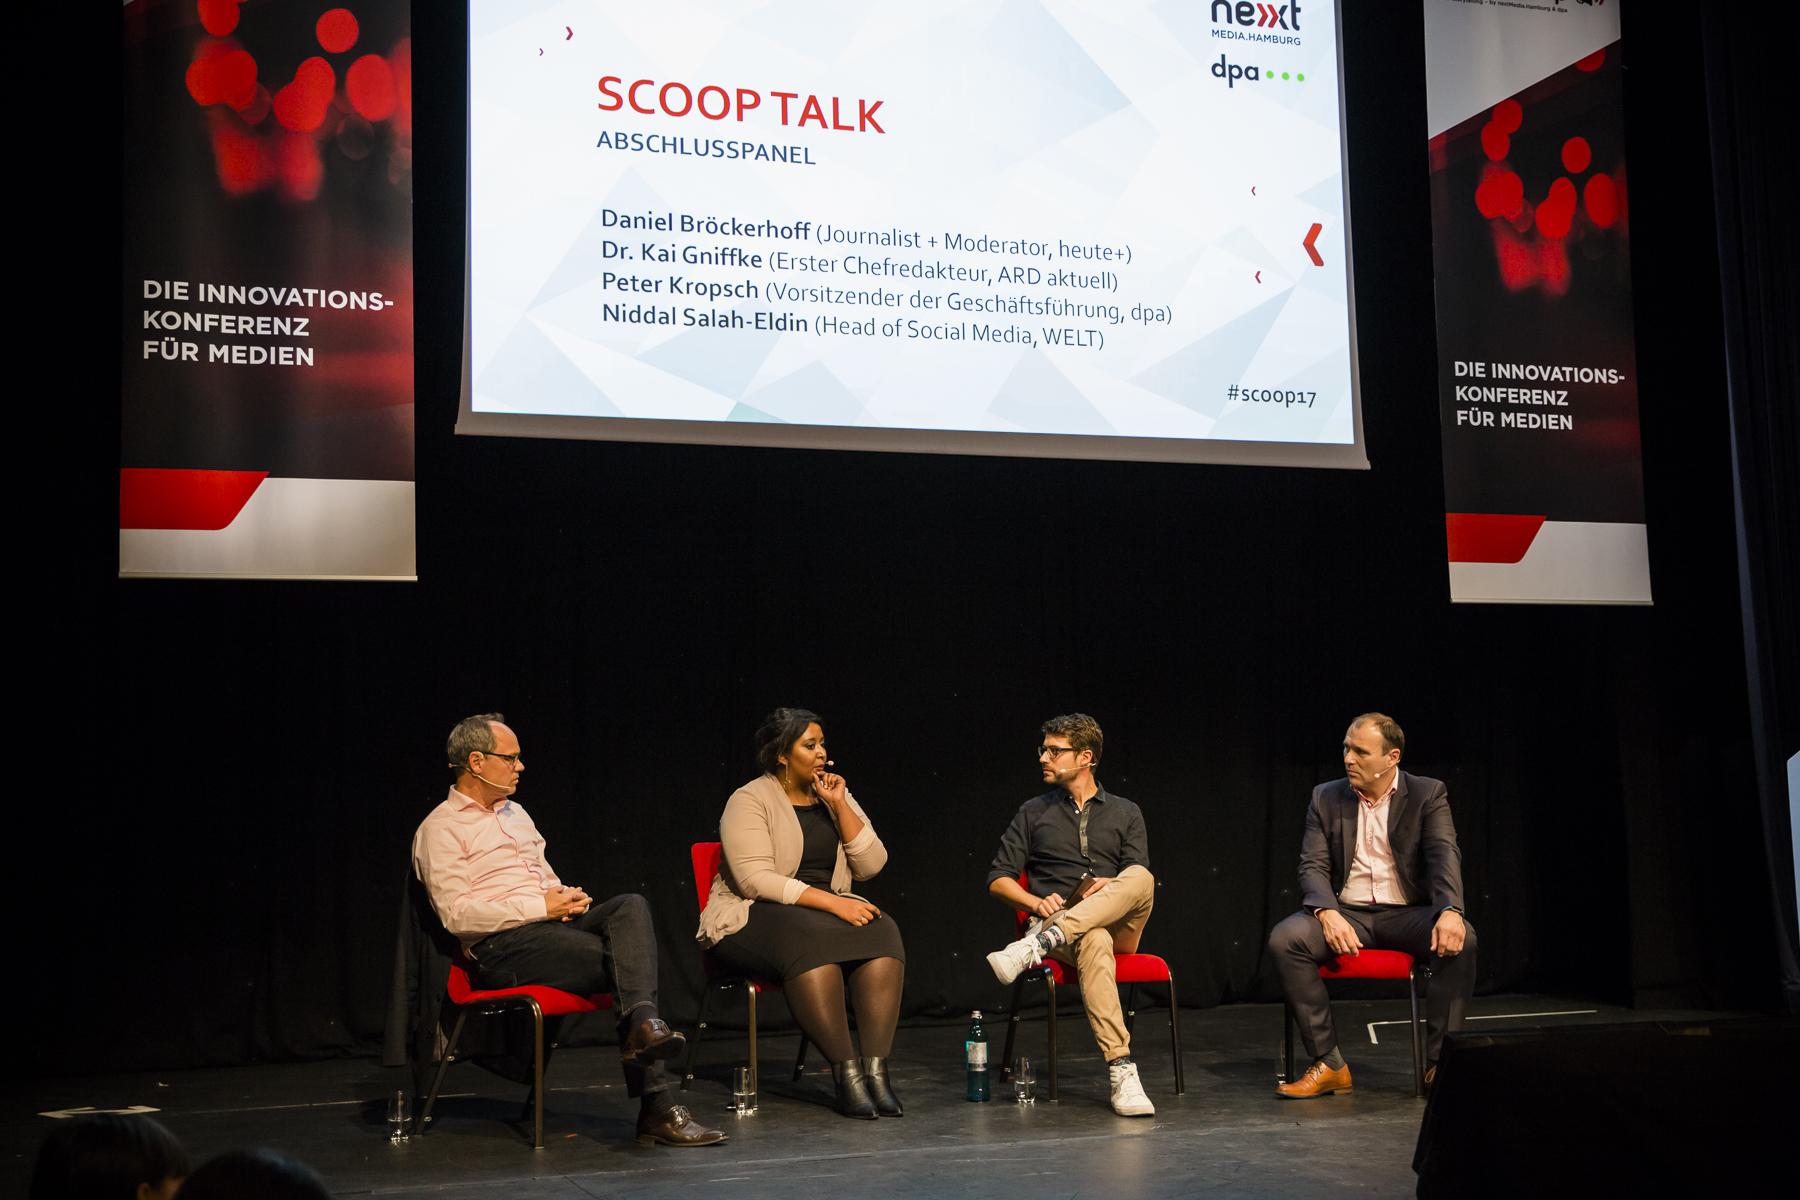 Abschlusspanel mit Dr. Kai Gniffke (Erster Chefredakteur ARD-aktuell), Niddal Salah-Eldin (WELT), Moderator Daniel Bröckerhoff (ZDF heuteplus) und Peter Kropsch (Deutsche Presse-Agentur)